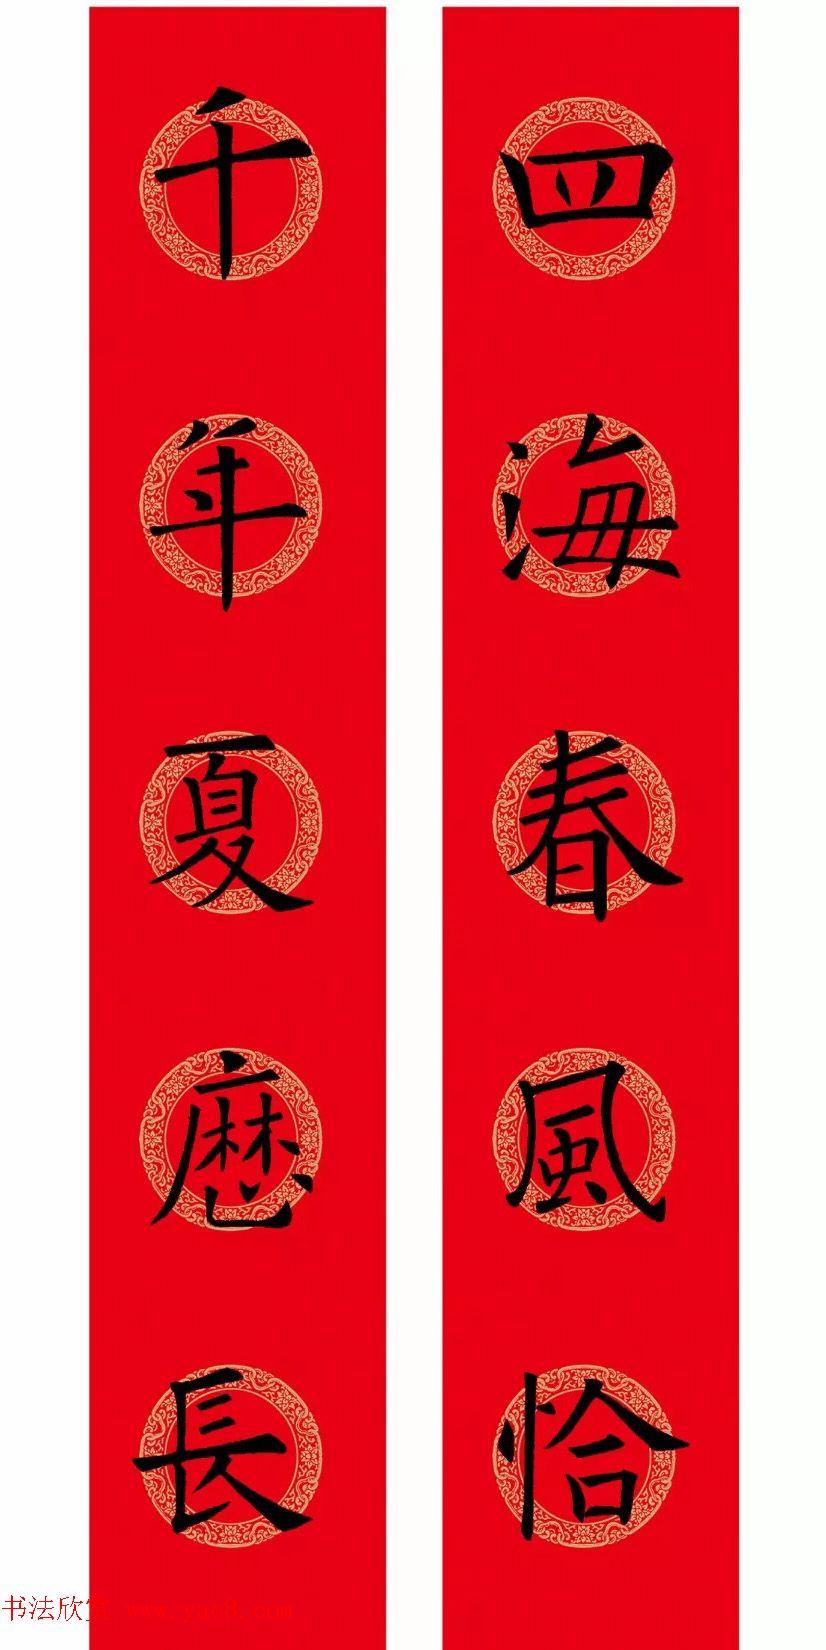 欧阳询楷书集字春联(五言+七言+横批)